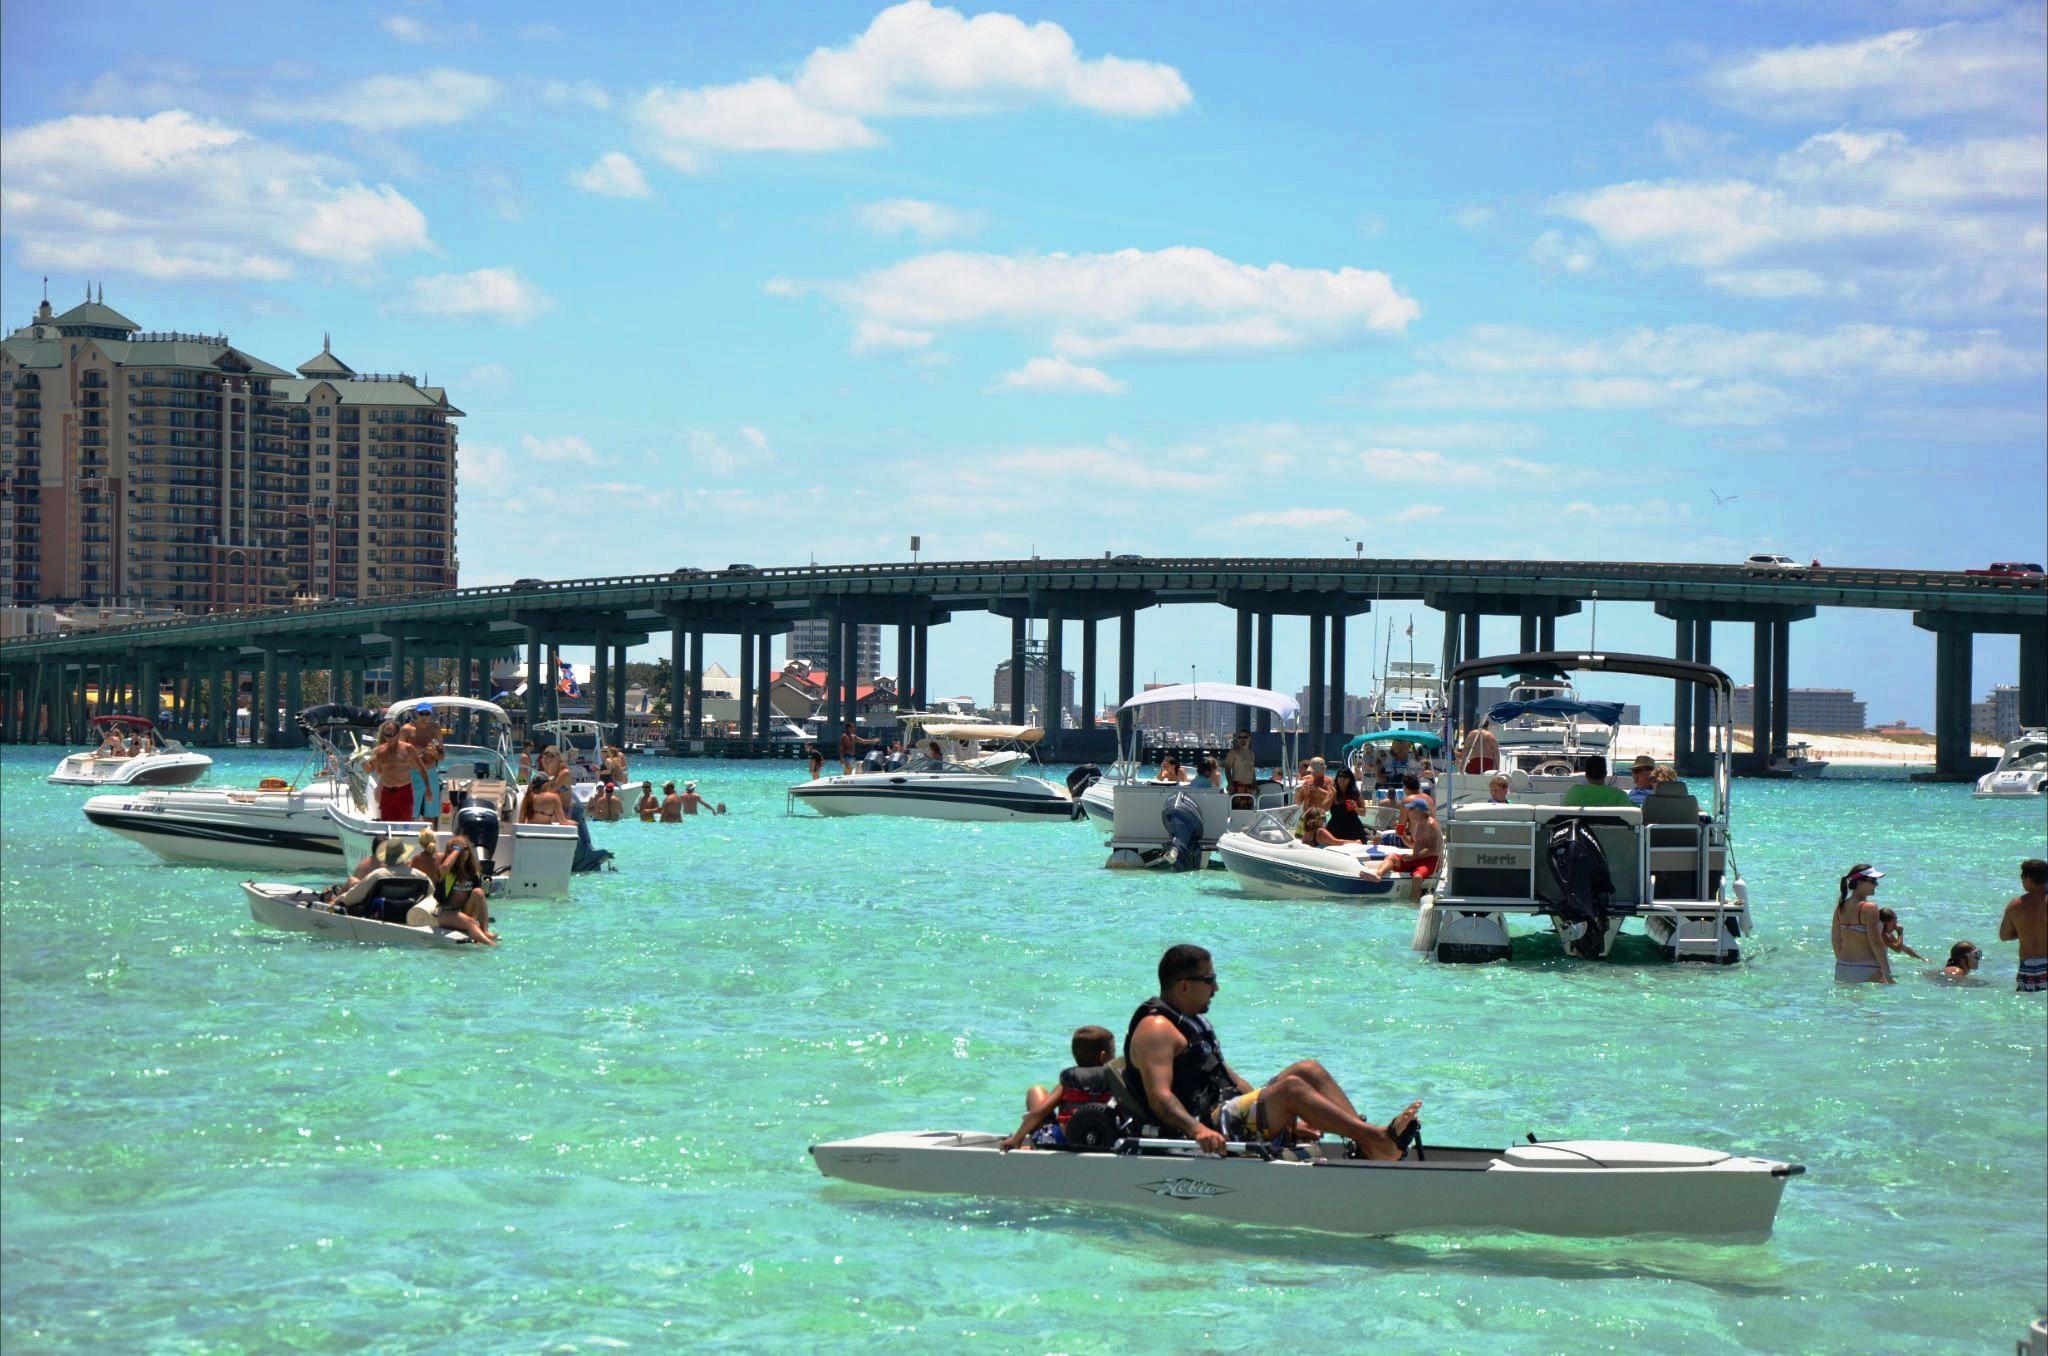 Destin attractions Destin Crab Island boat cruises